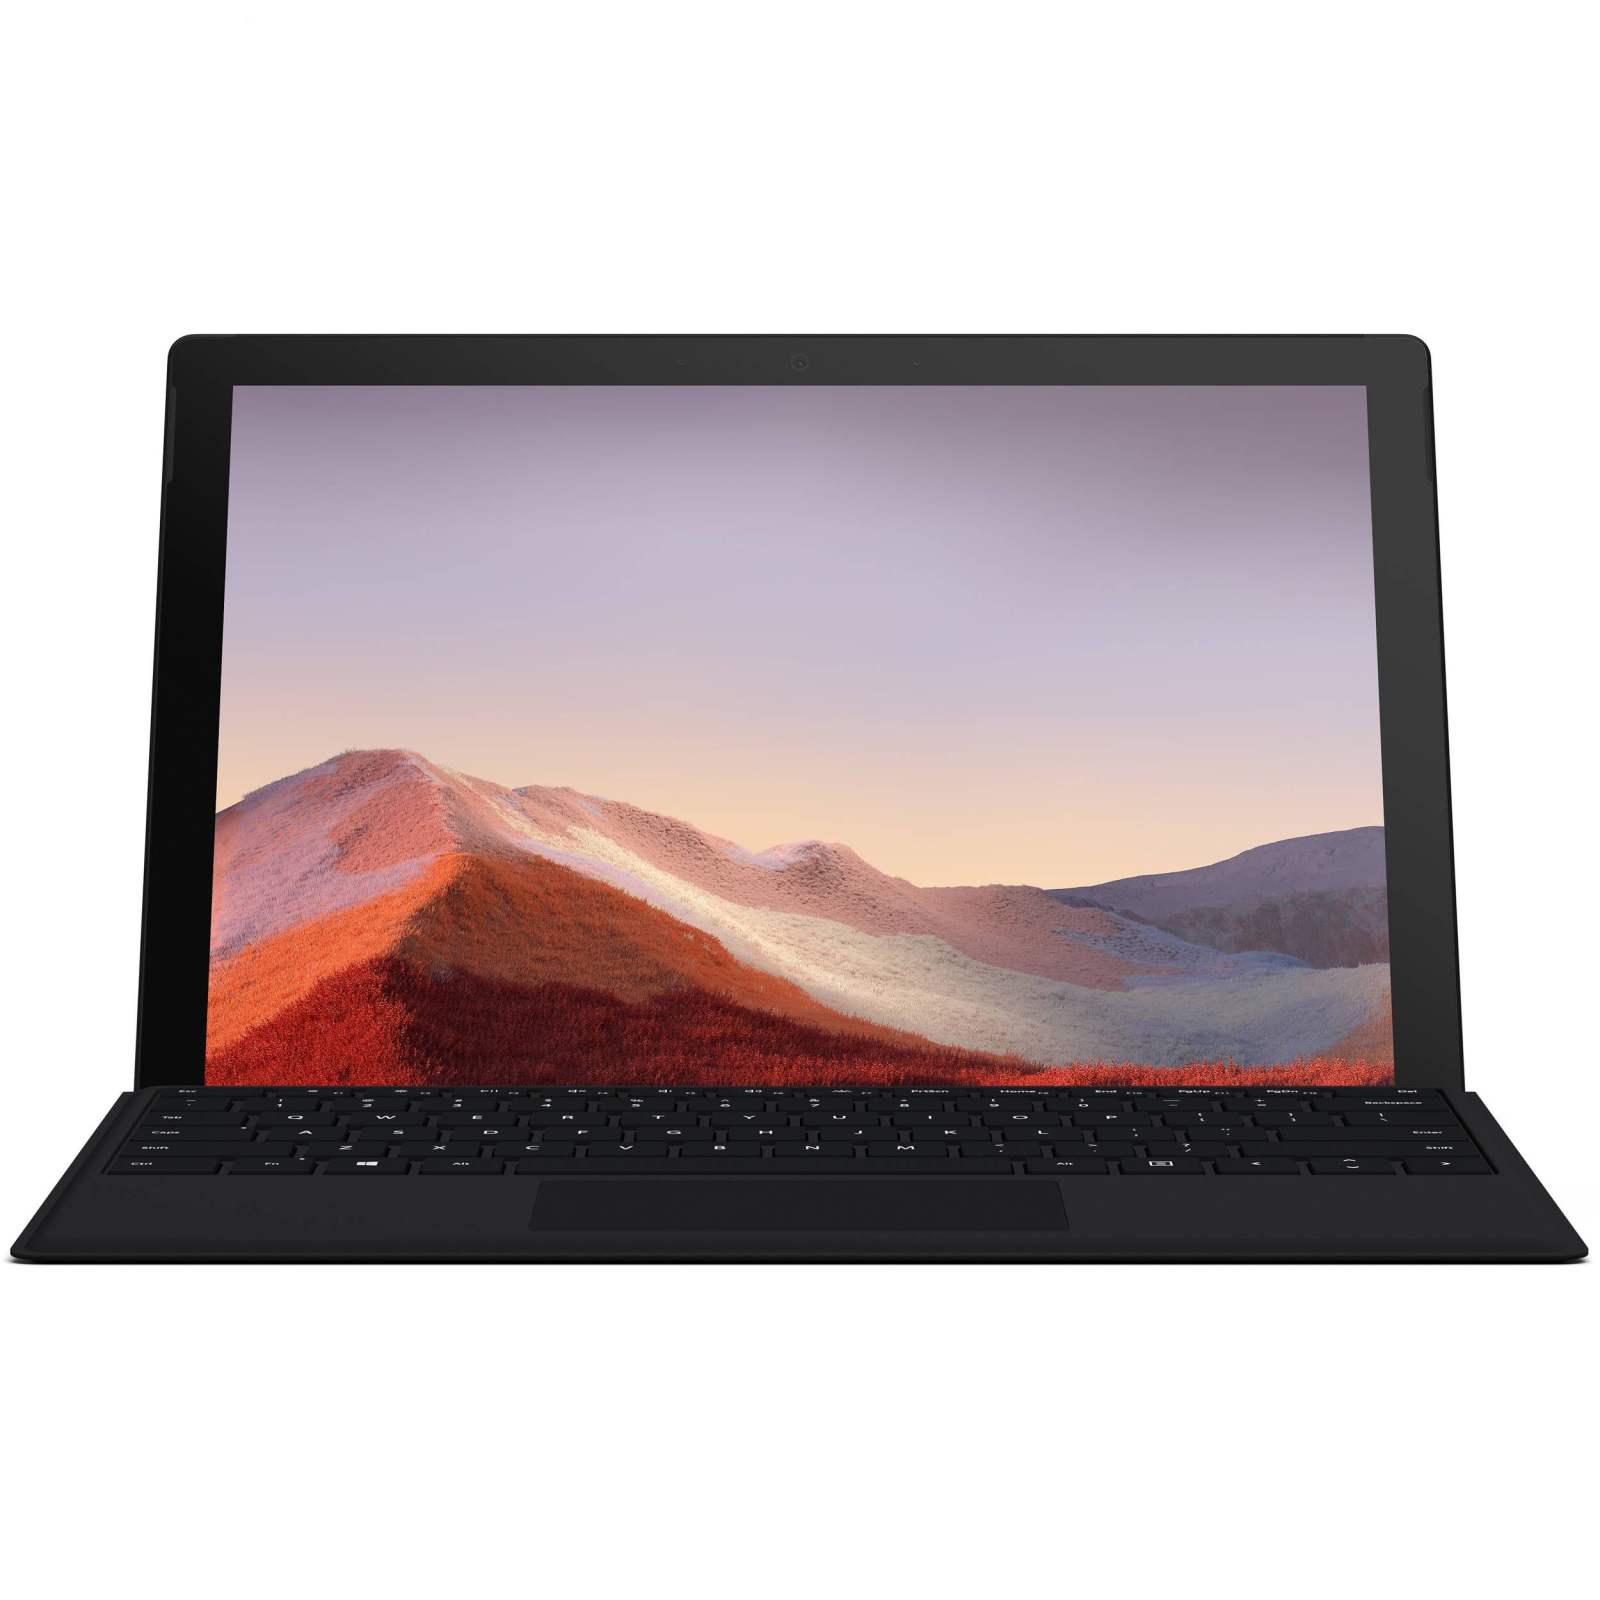 تبلت مایکروسافت مدل Surface Pro 7 – B به همراه کیبورد Black Type Cover